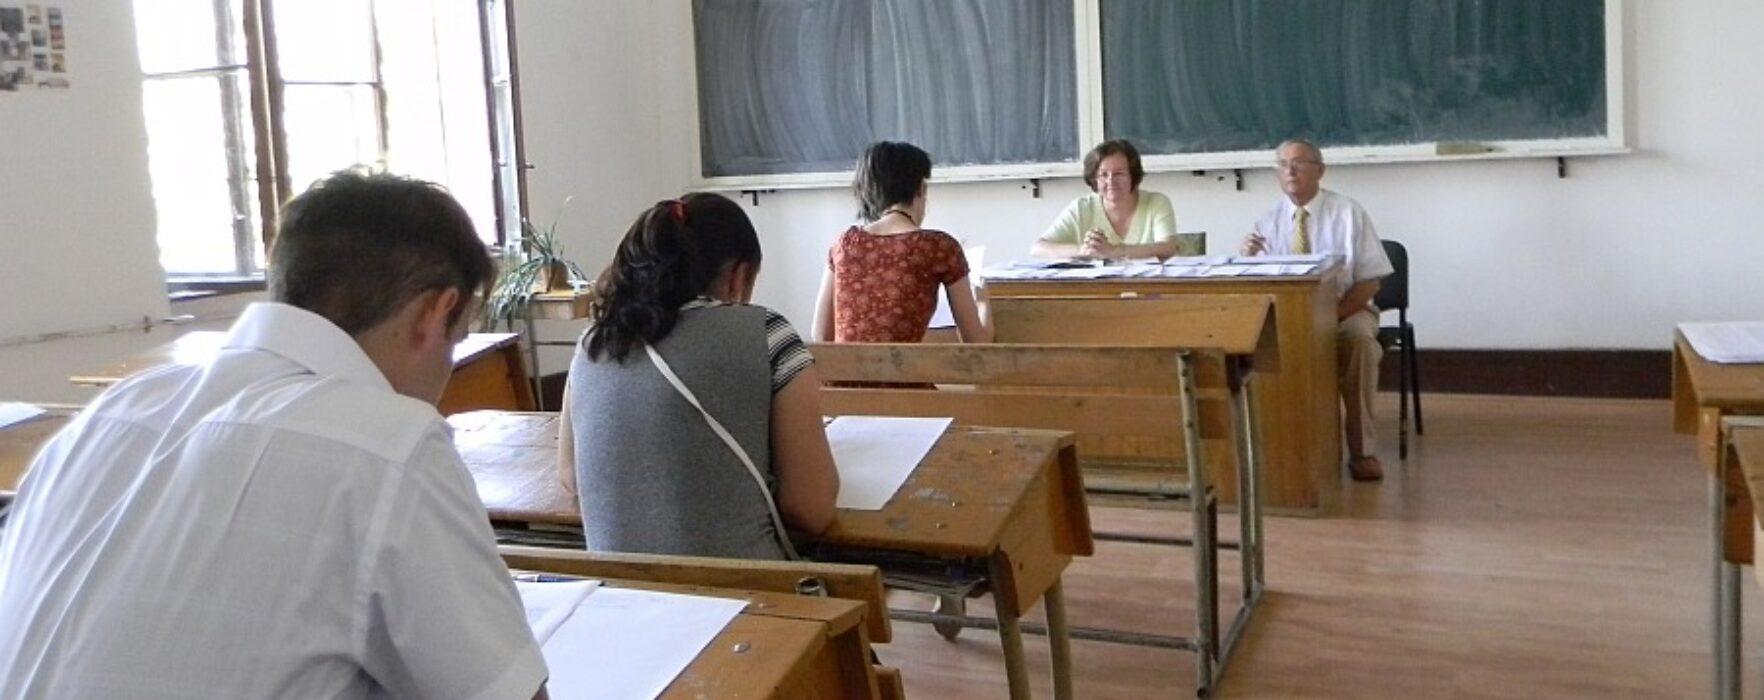 Un elev din Dâmboviţa eliminat, după ce i-a sunat telefonul, la proba de vineri a bacalaureatului